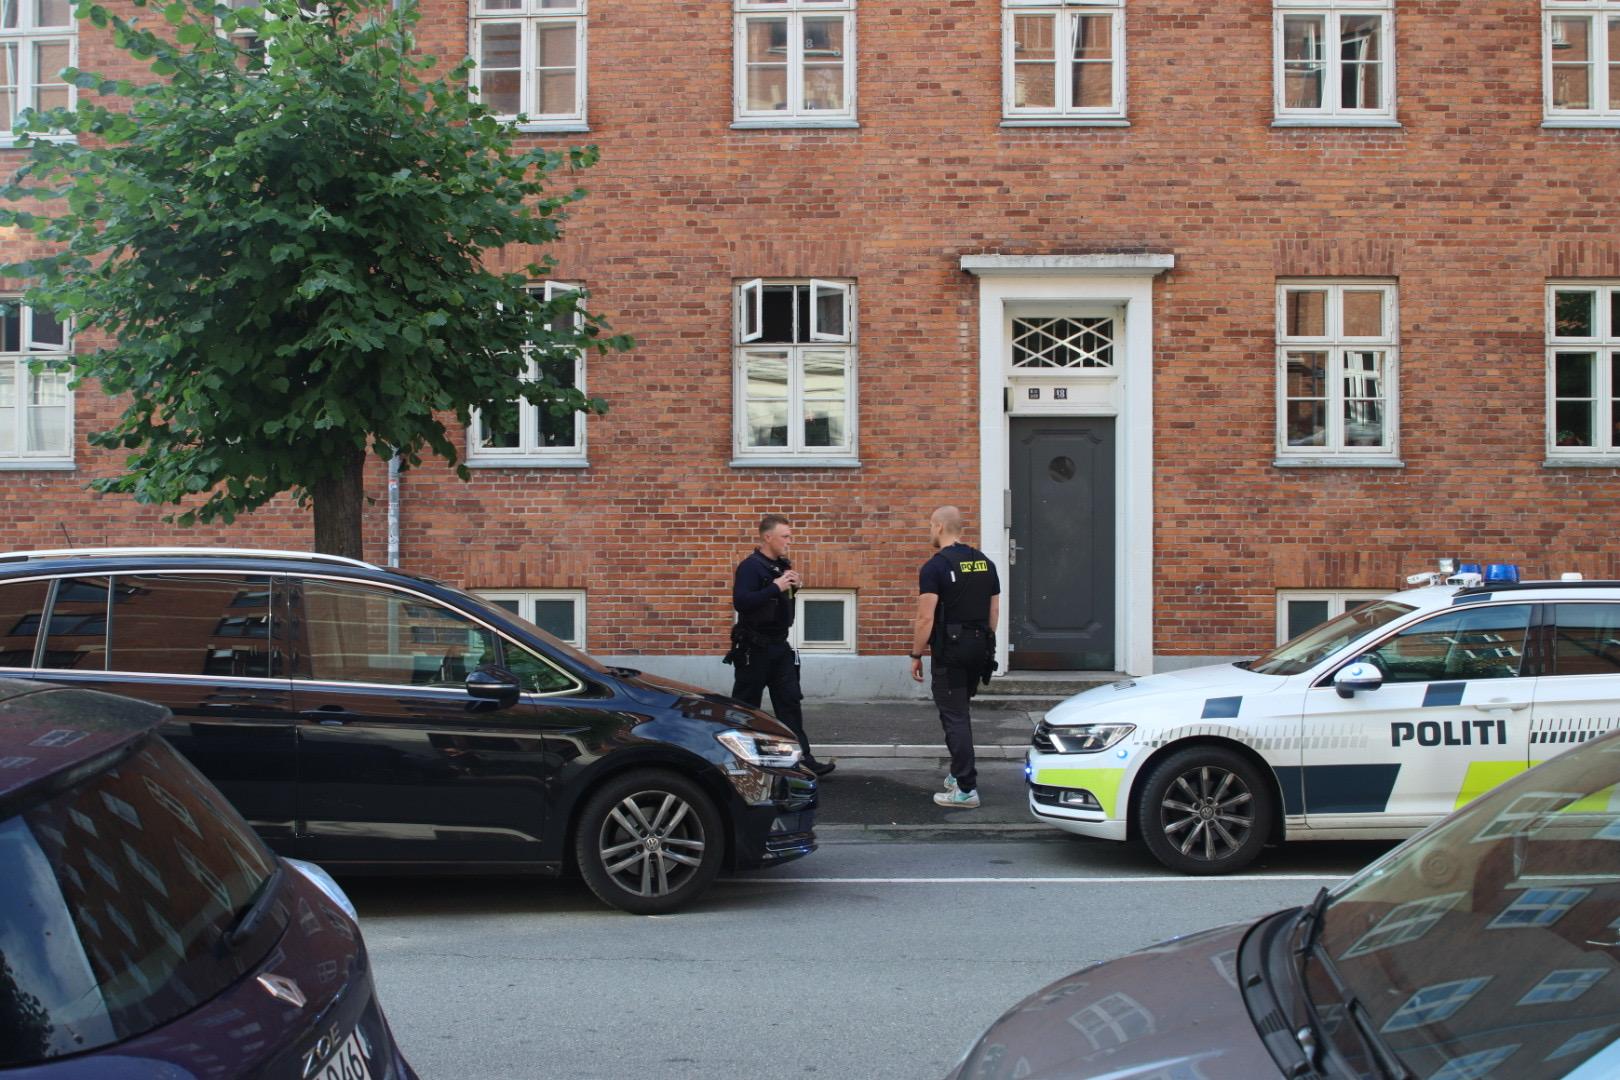 Politiaktion i København - flere patruljer fremme